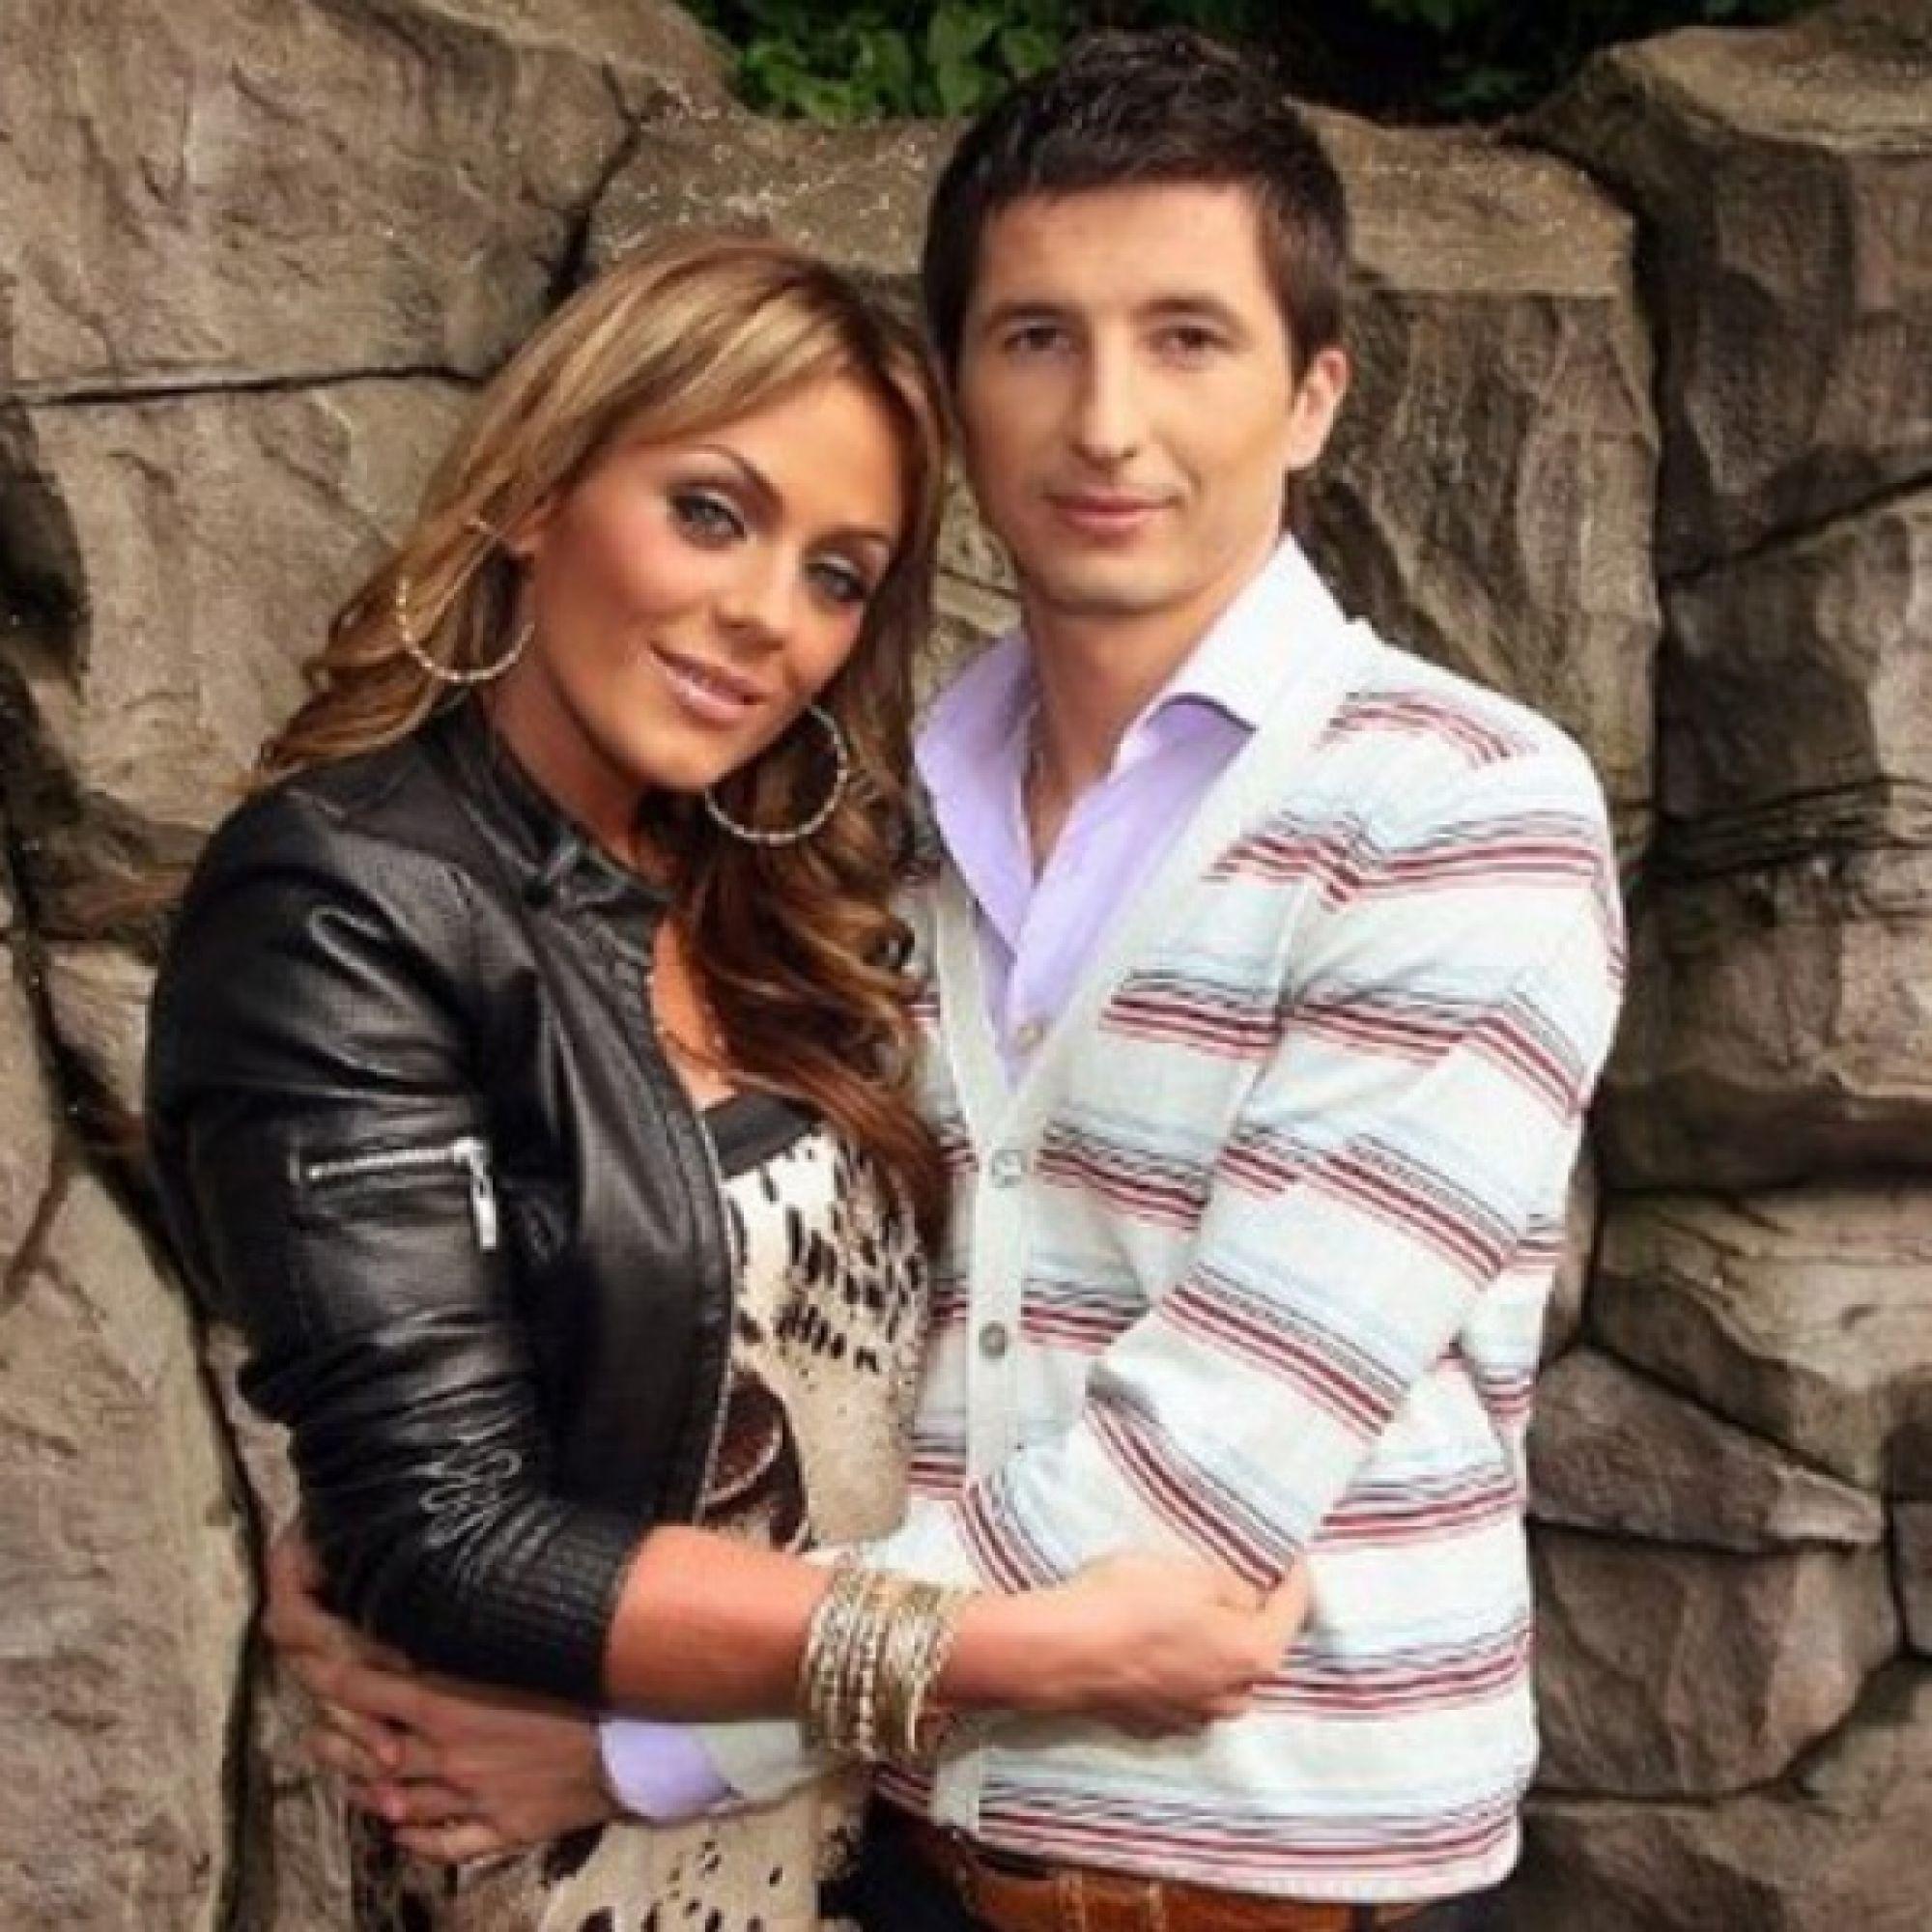 Многодетный отец: Бывший муж Юлии Началовой показал фото с новорожденной дочерью